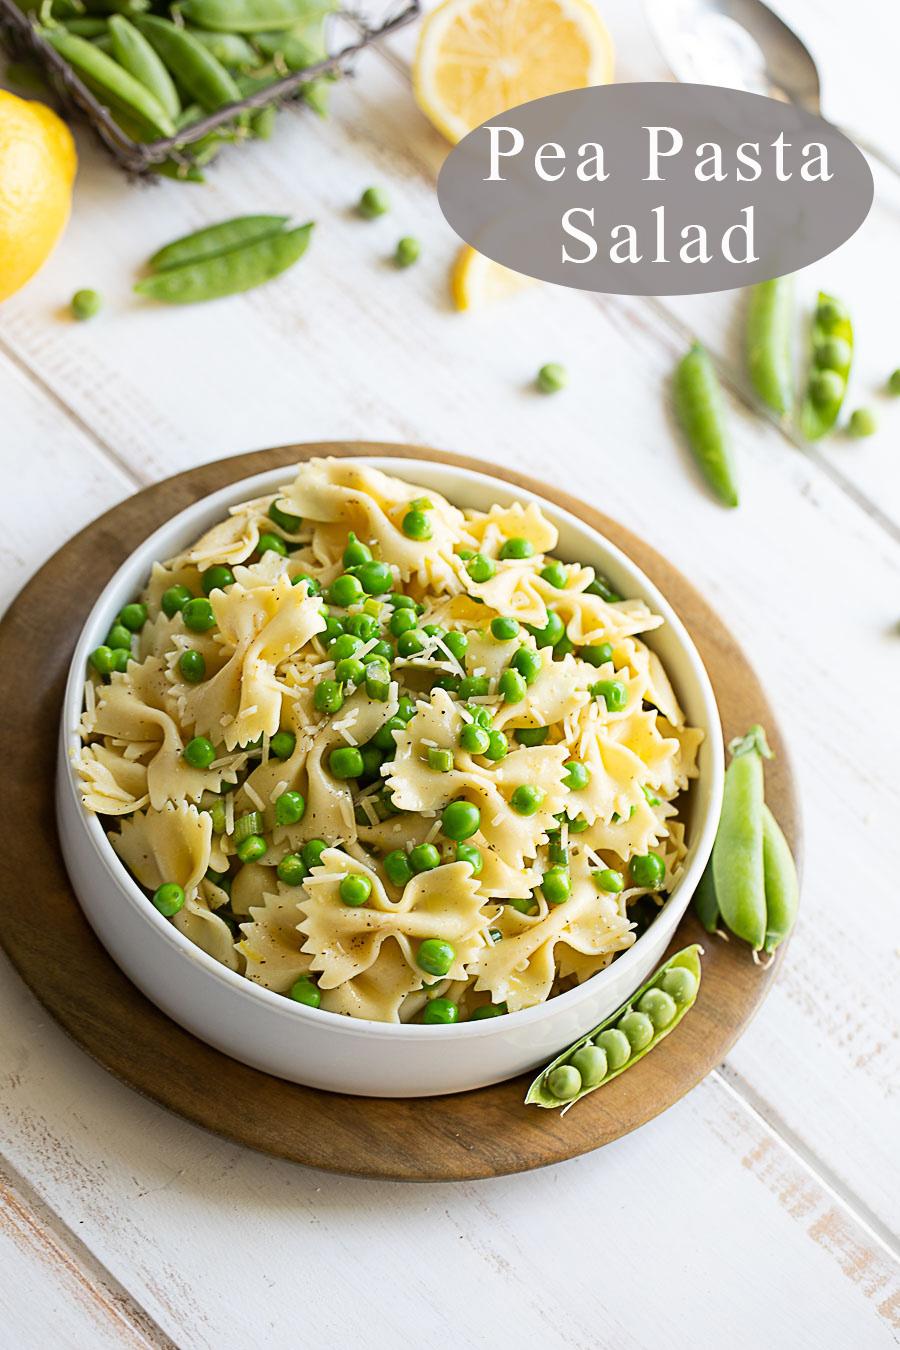 Healthy Pasta Salad - Pea Pasta Salad #peas #spring #pasta #pastasalad #potluck